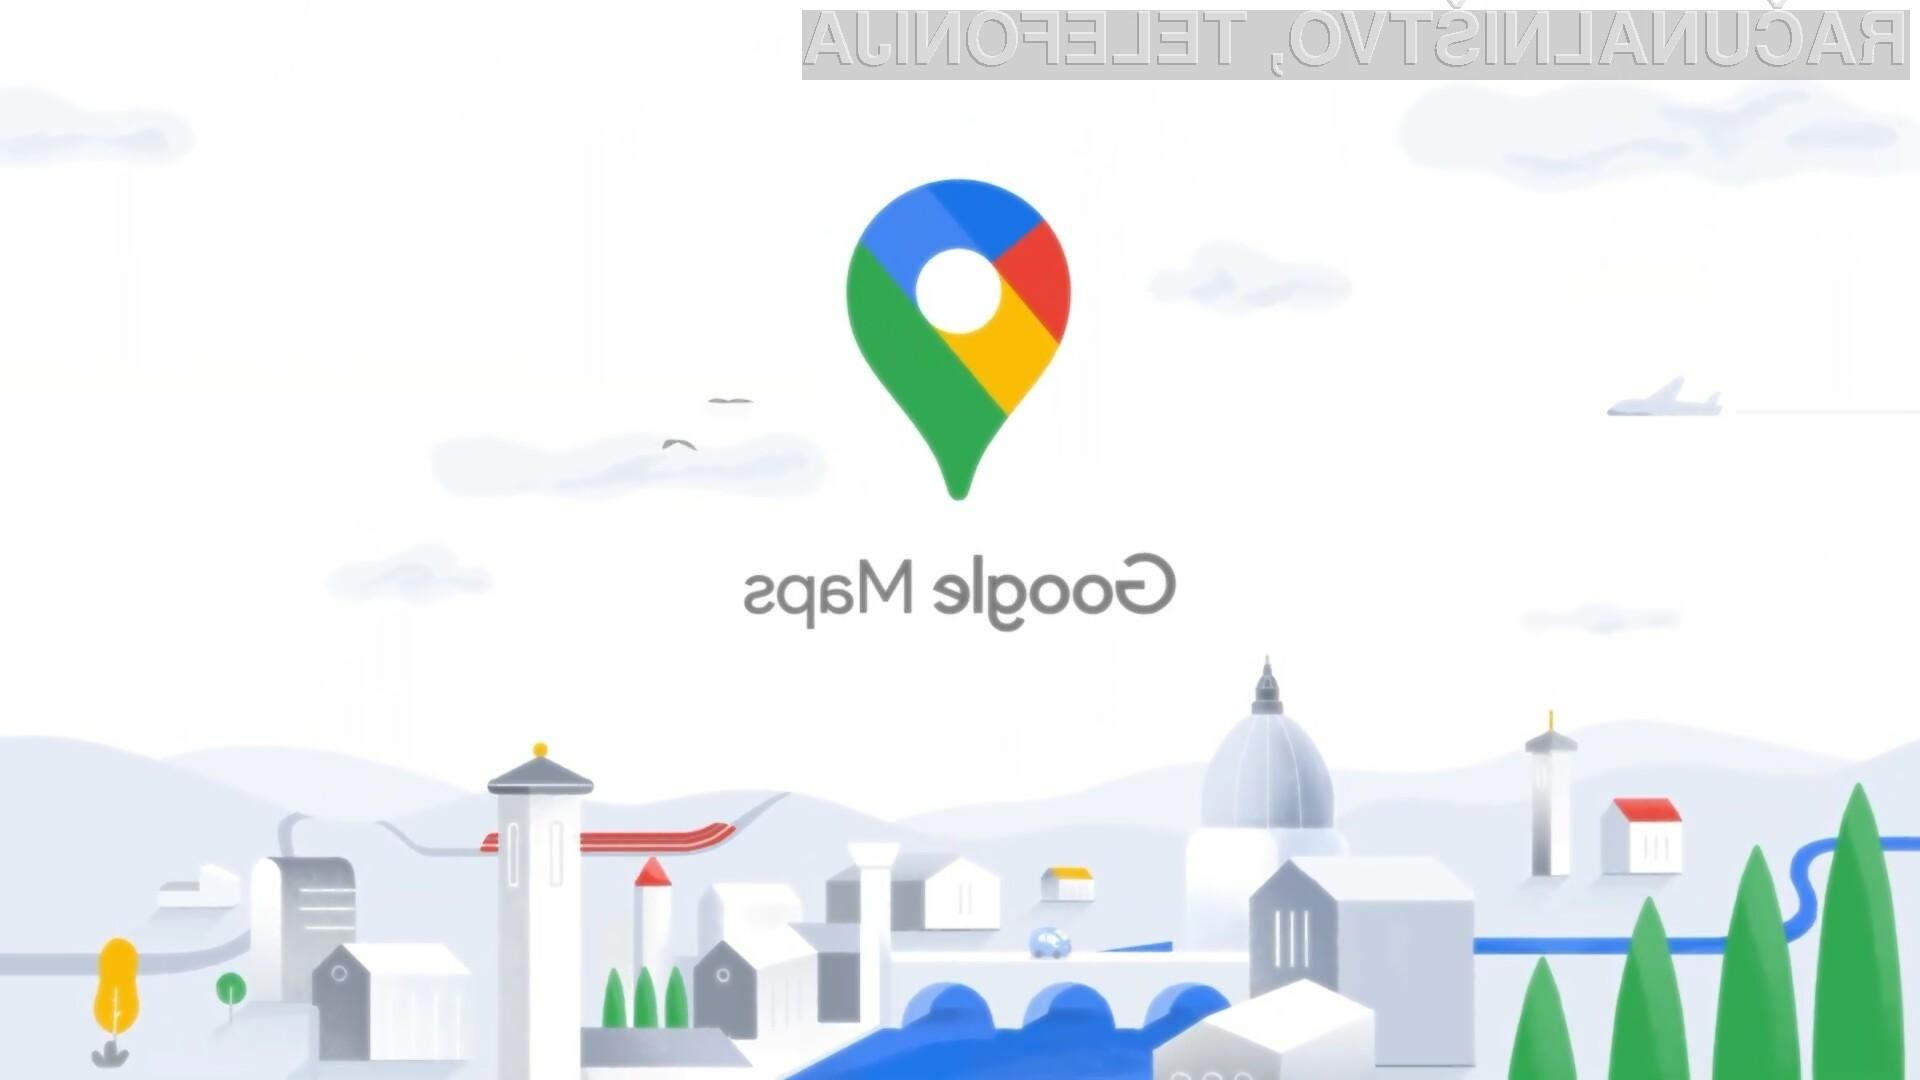 Priljubljena storitev Google Maps je med nami  prisotna že 15 let!